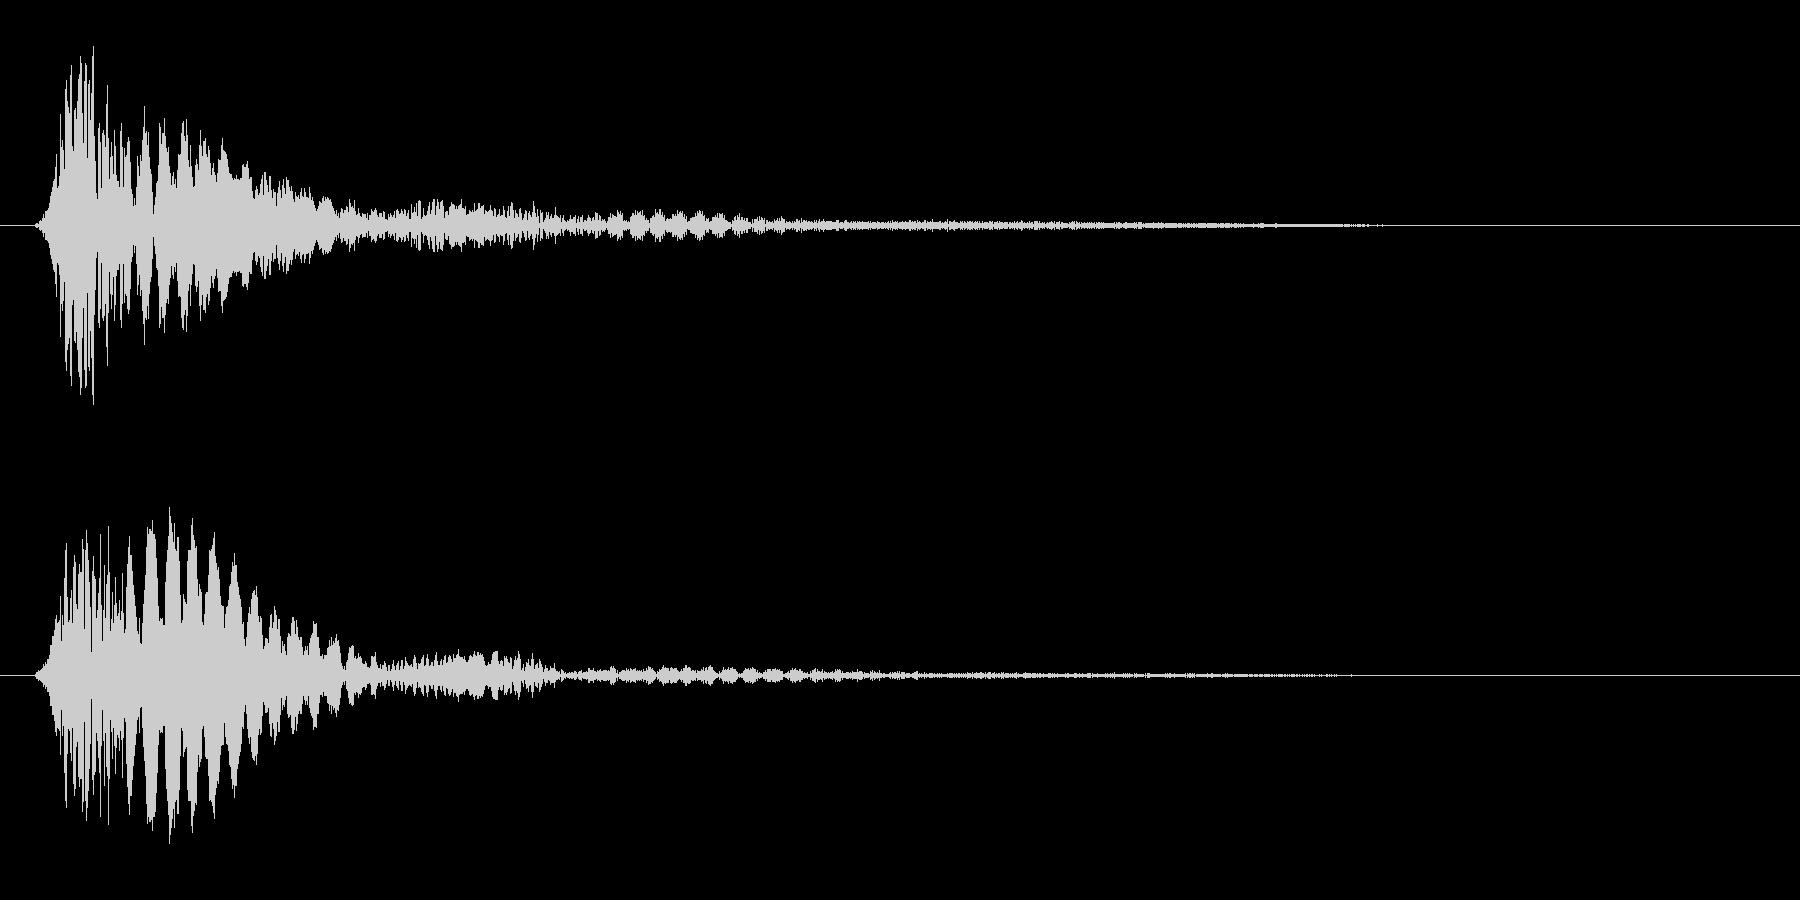 ビョン(プラスチックや弦を弾いた音)の未再生の波形